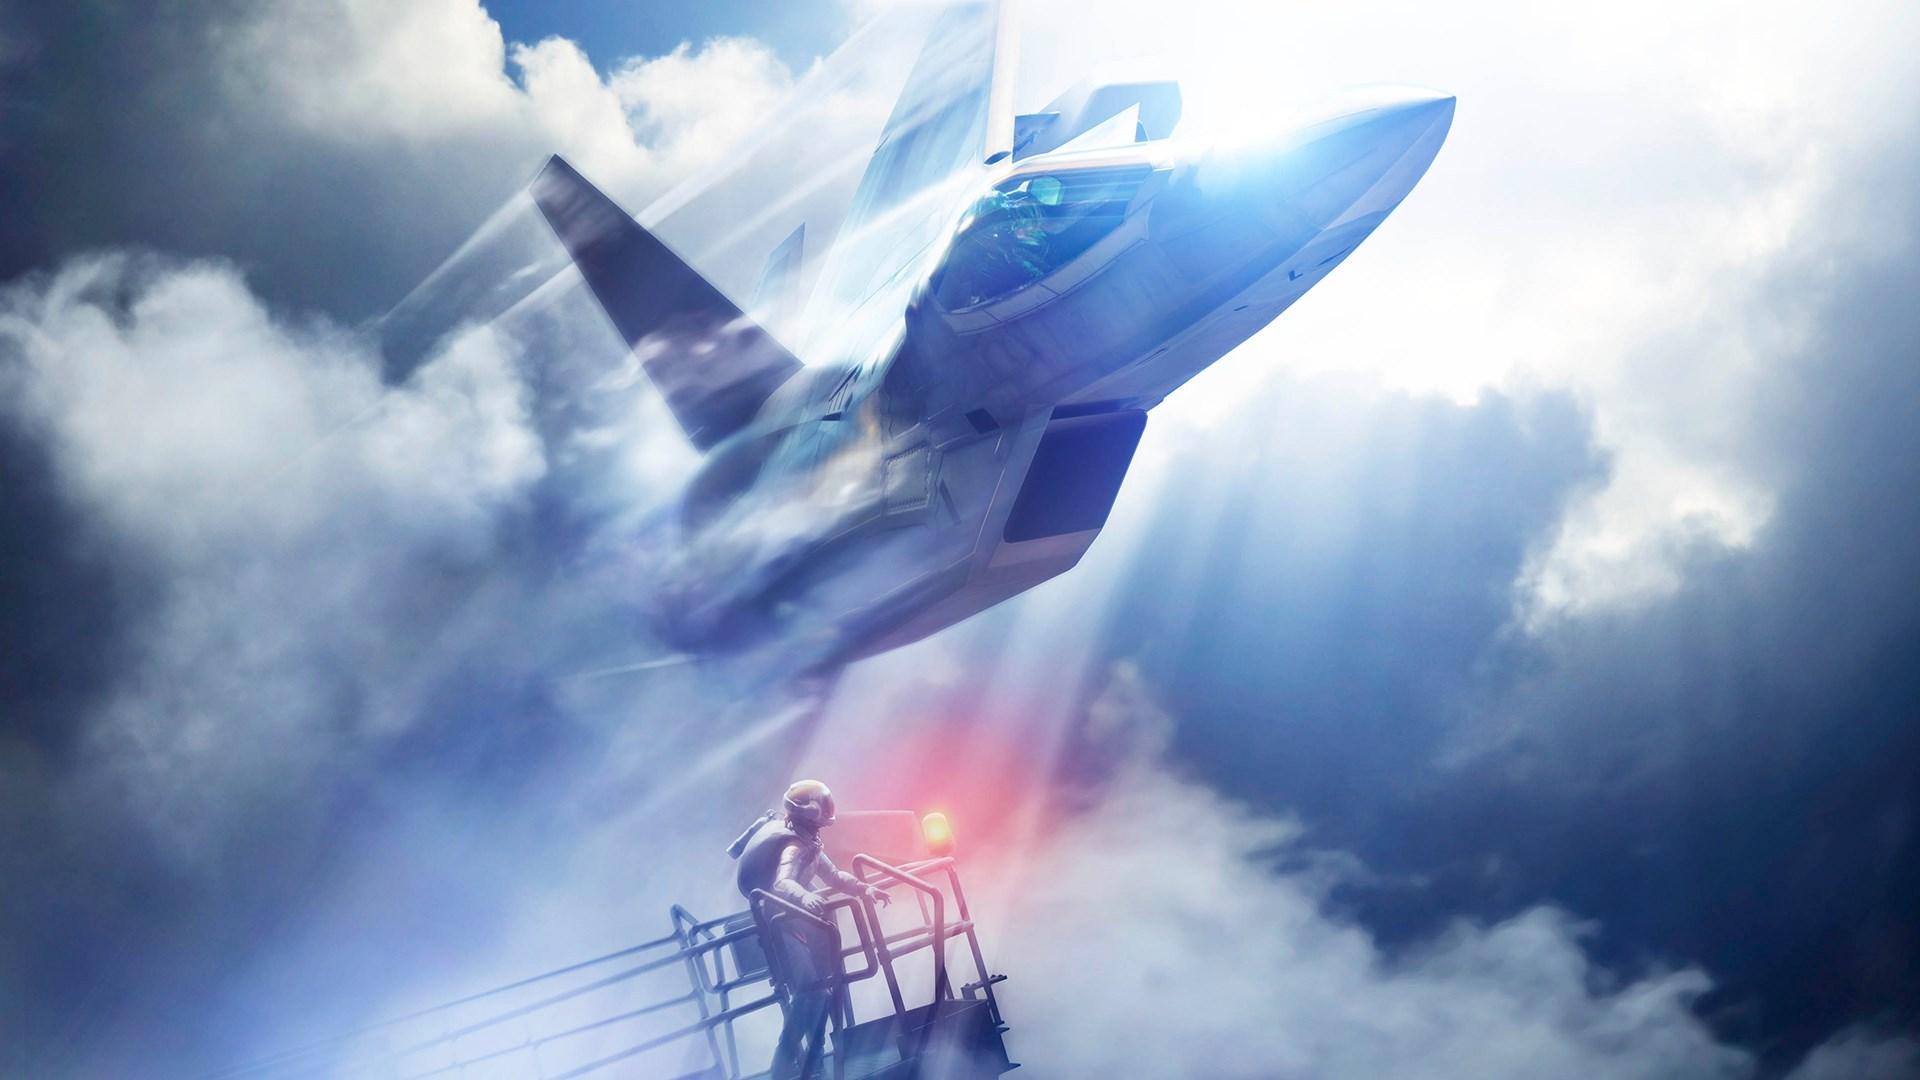 سی دی کی اریجینال استیم بازی Ace Combat 7: Skies Unknown